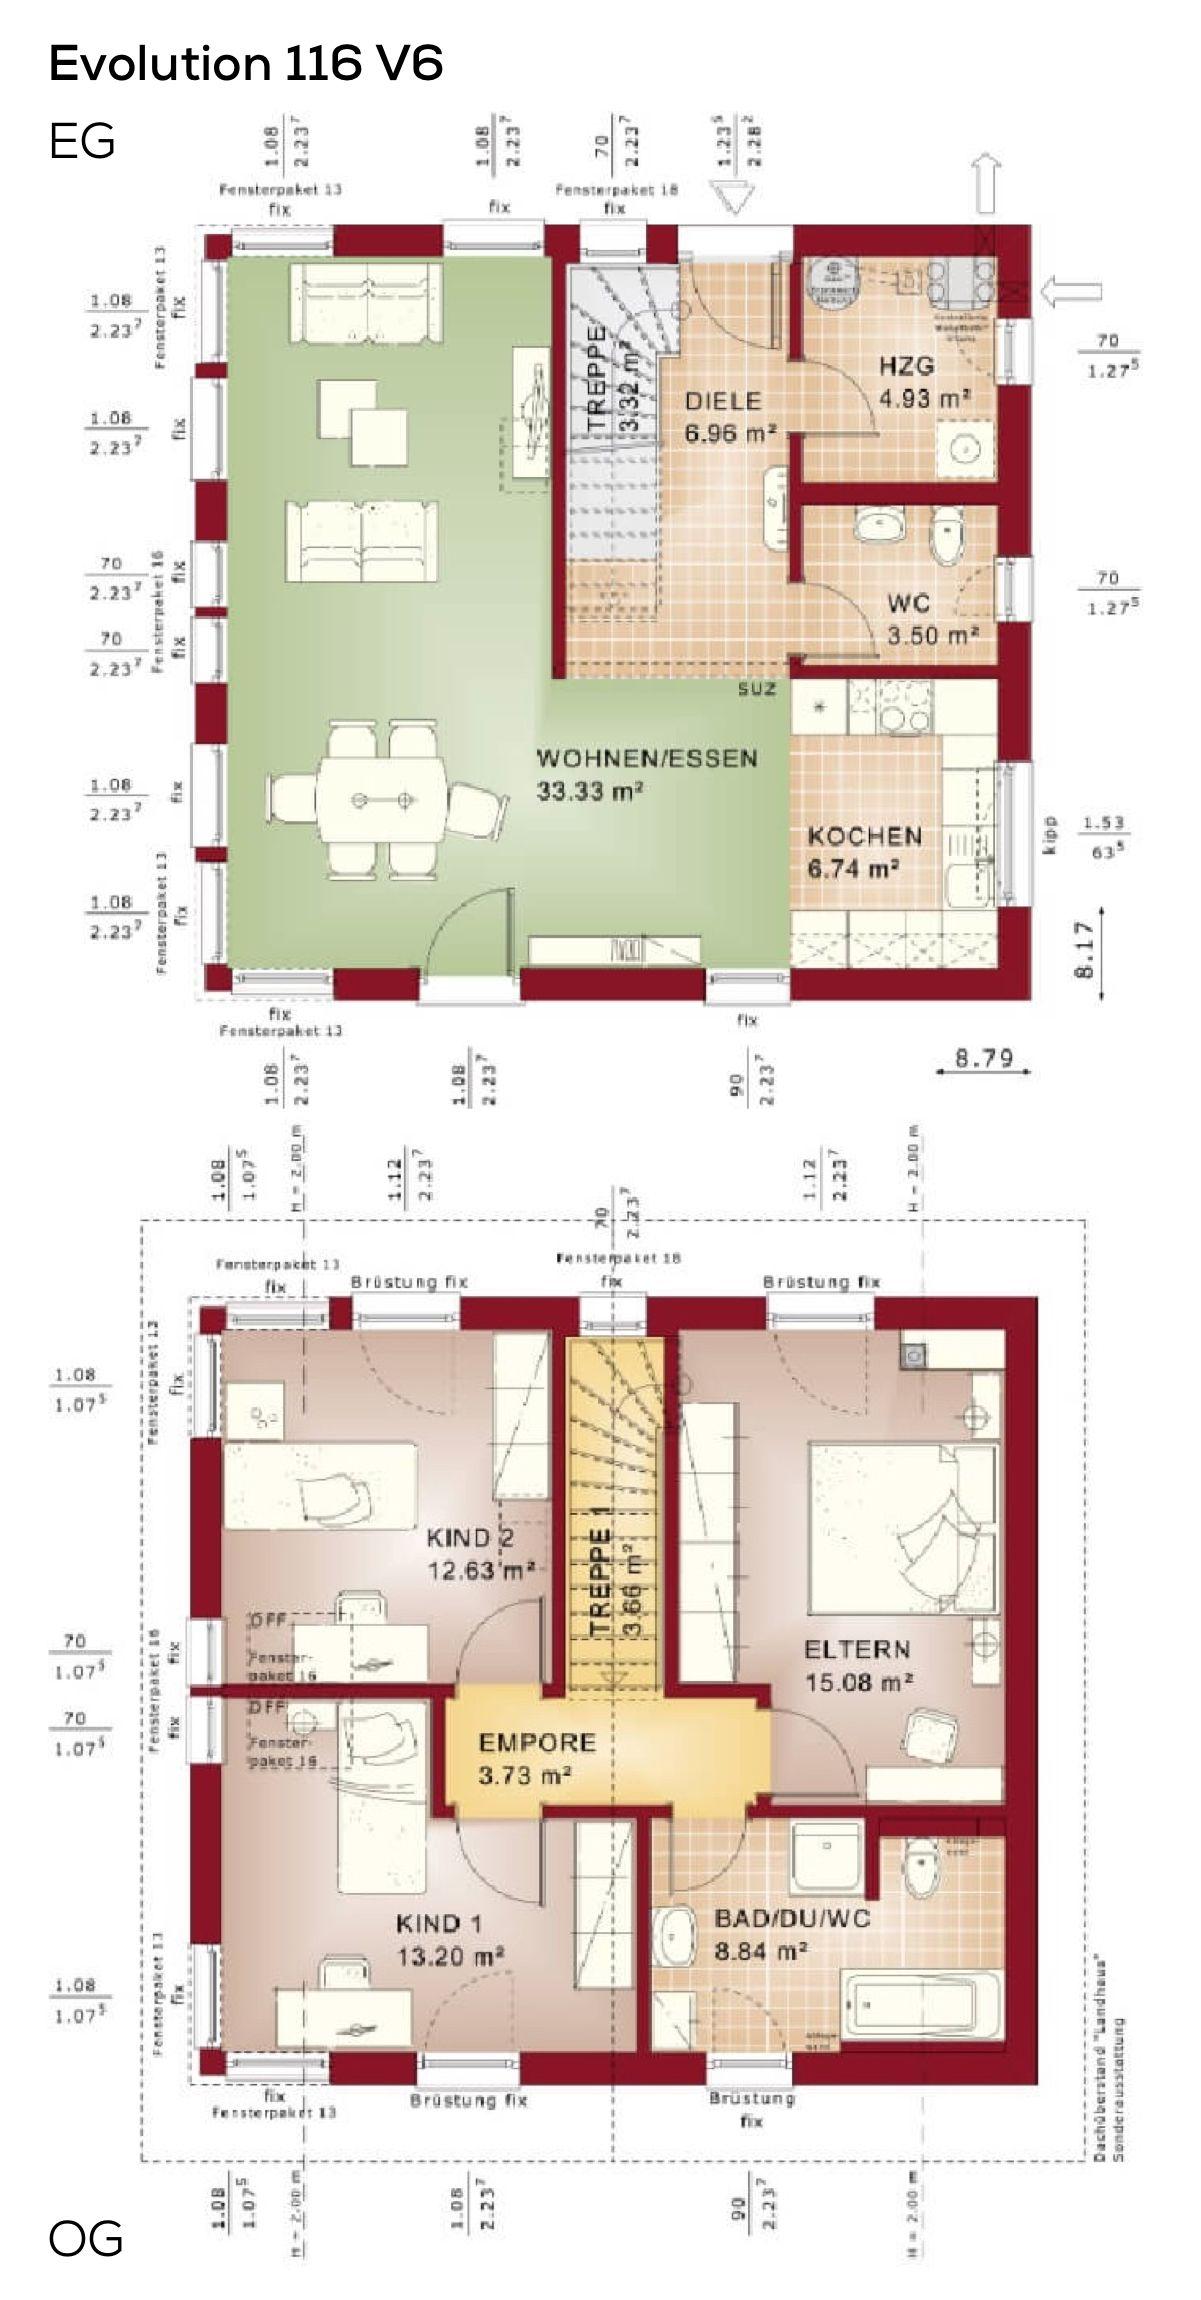 einfamilienhaus grundriss modern 4 zimmer erdgeschoss offen obergeschoss mit satteldach. Black Bedroom Furniture Sets. Home Design Ideas